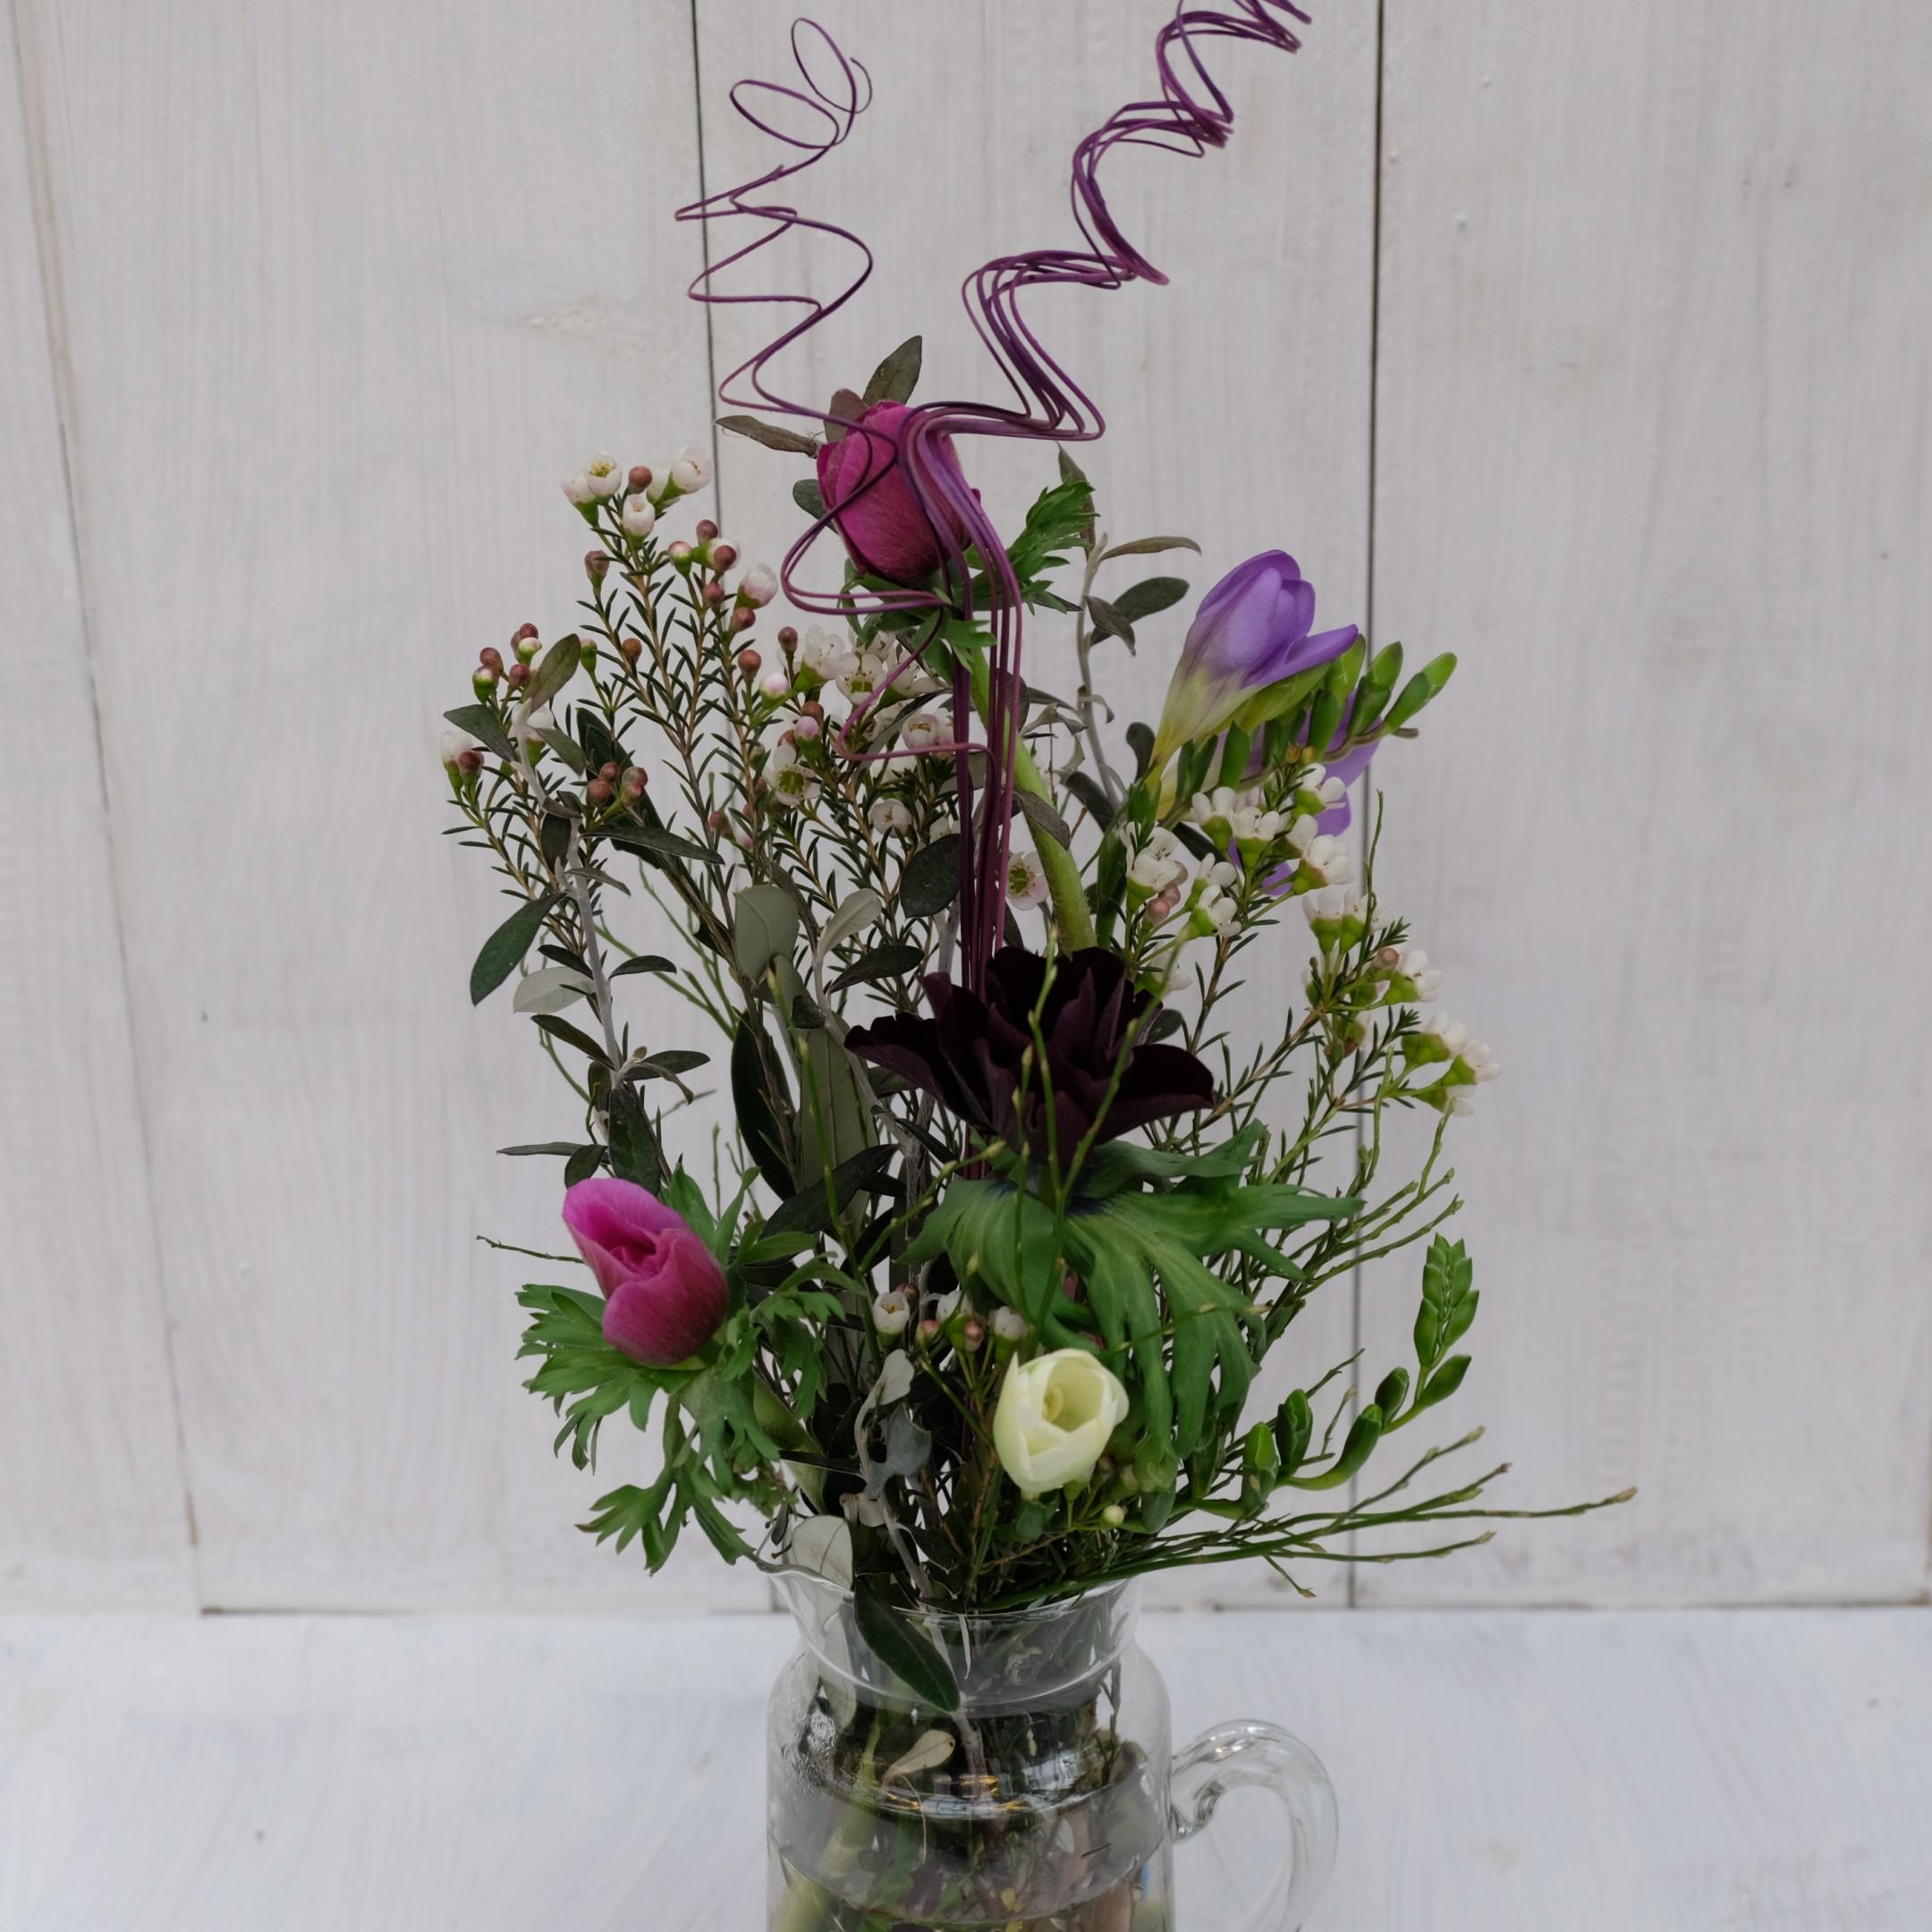 Blumengarten Bild 2